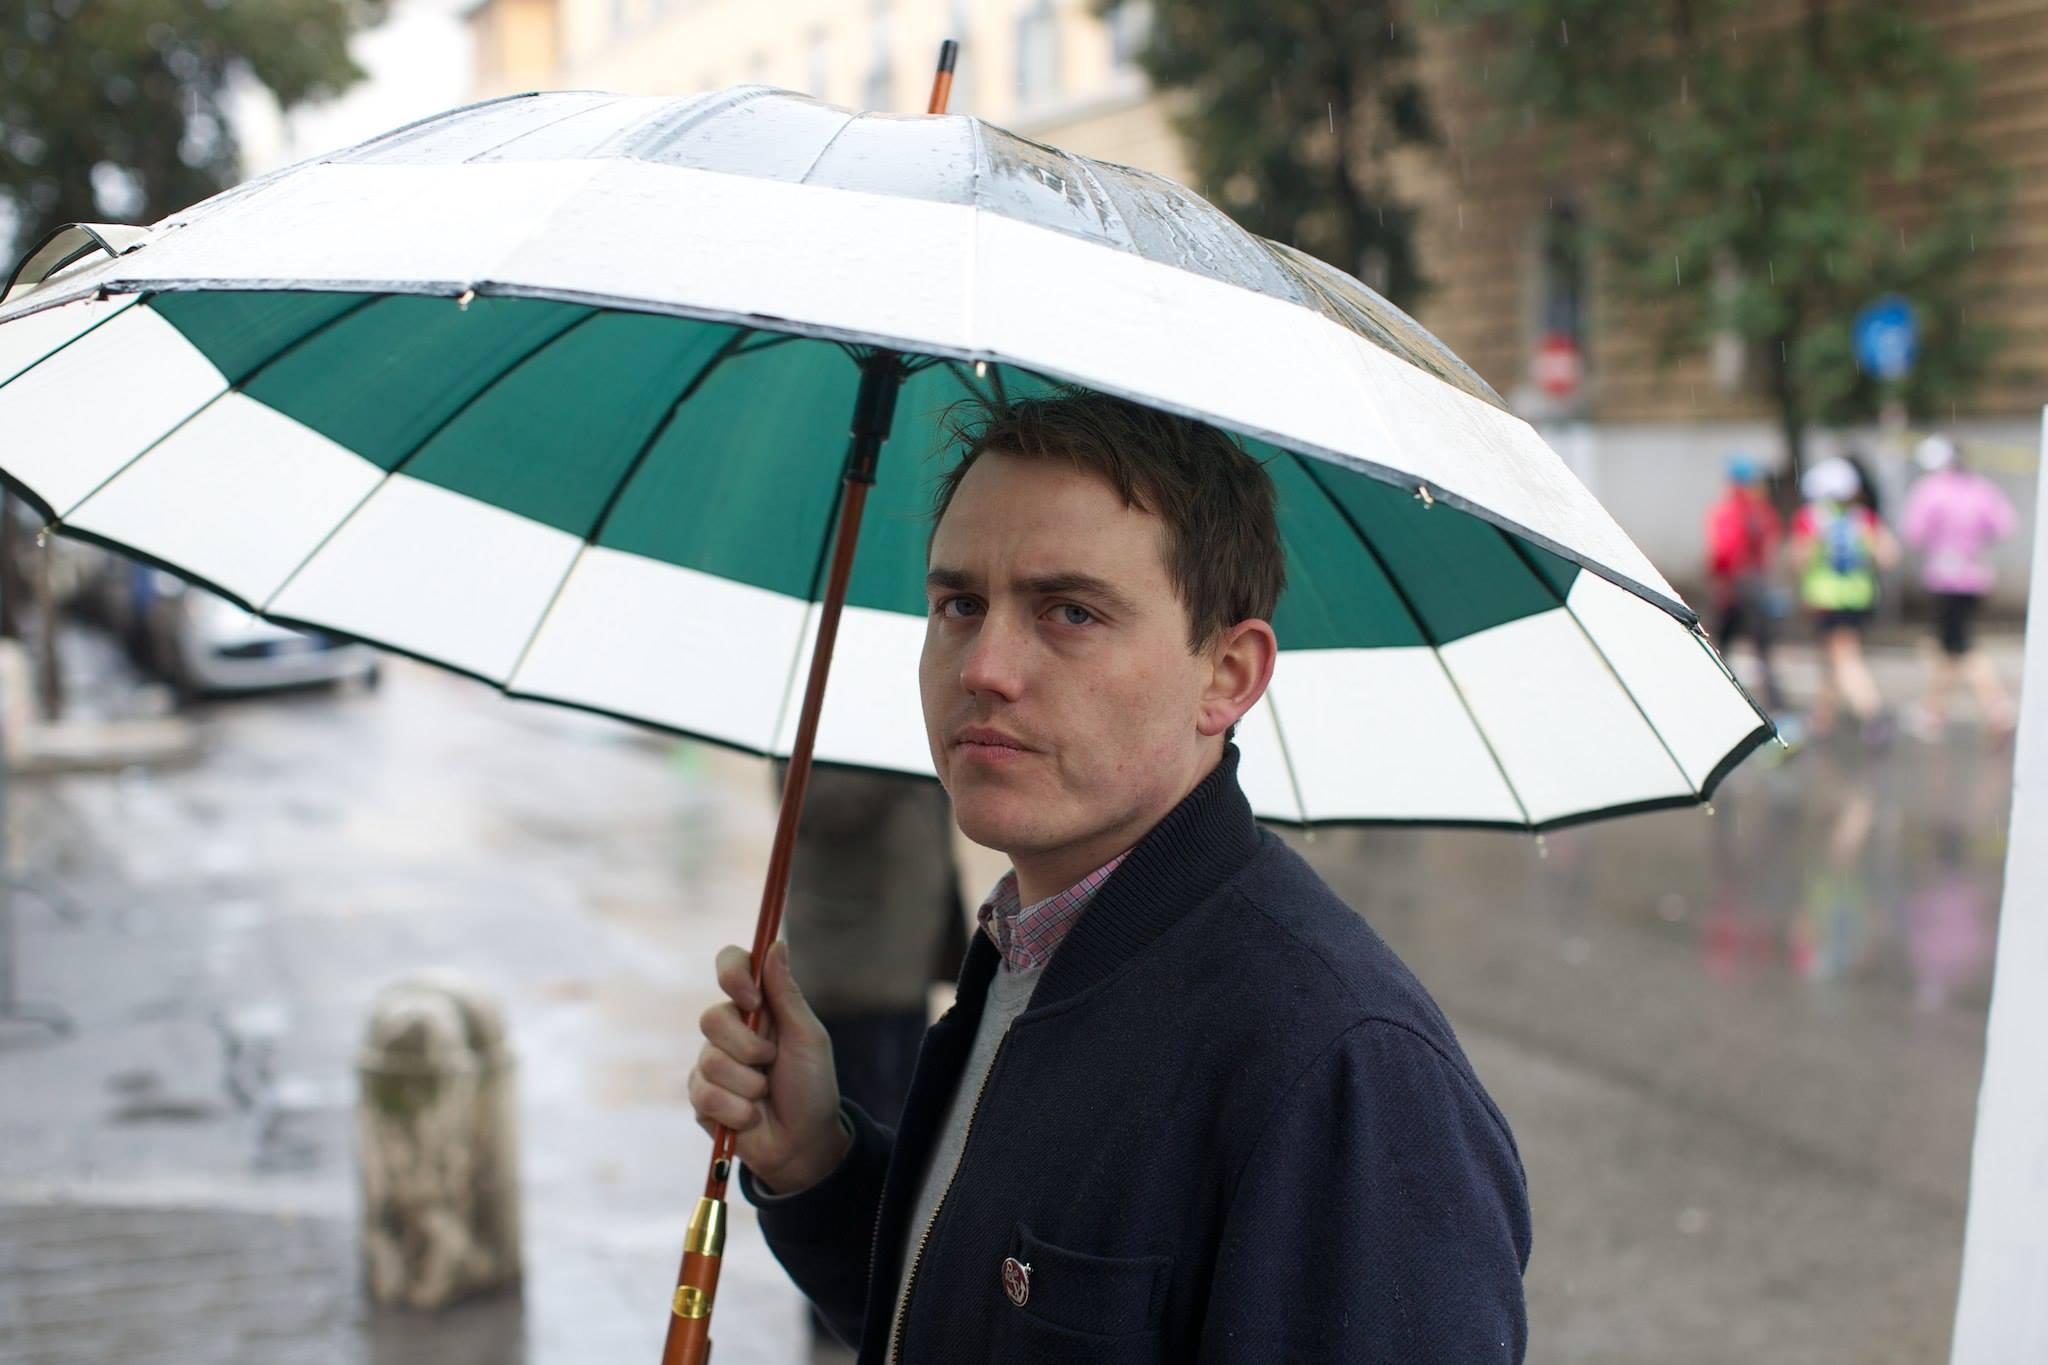 eoin with umbrella, 2015